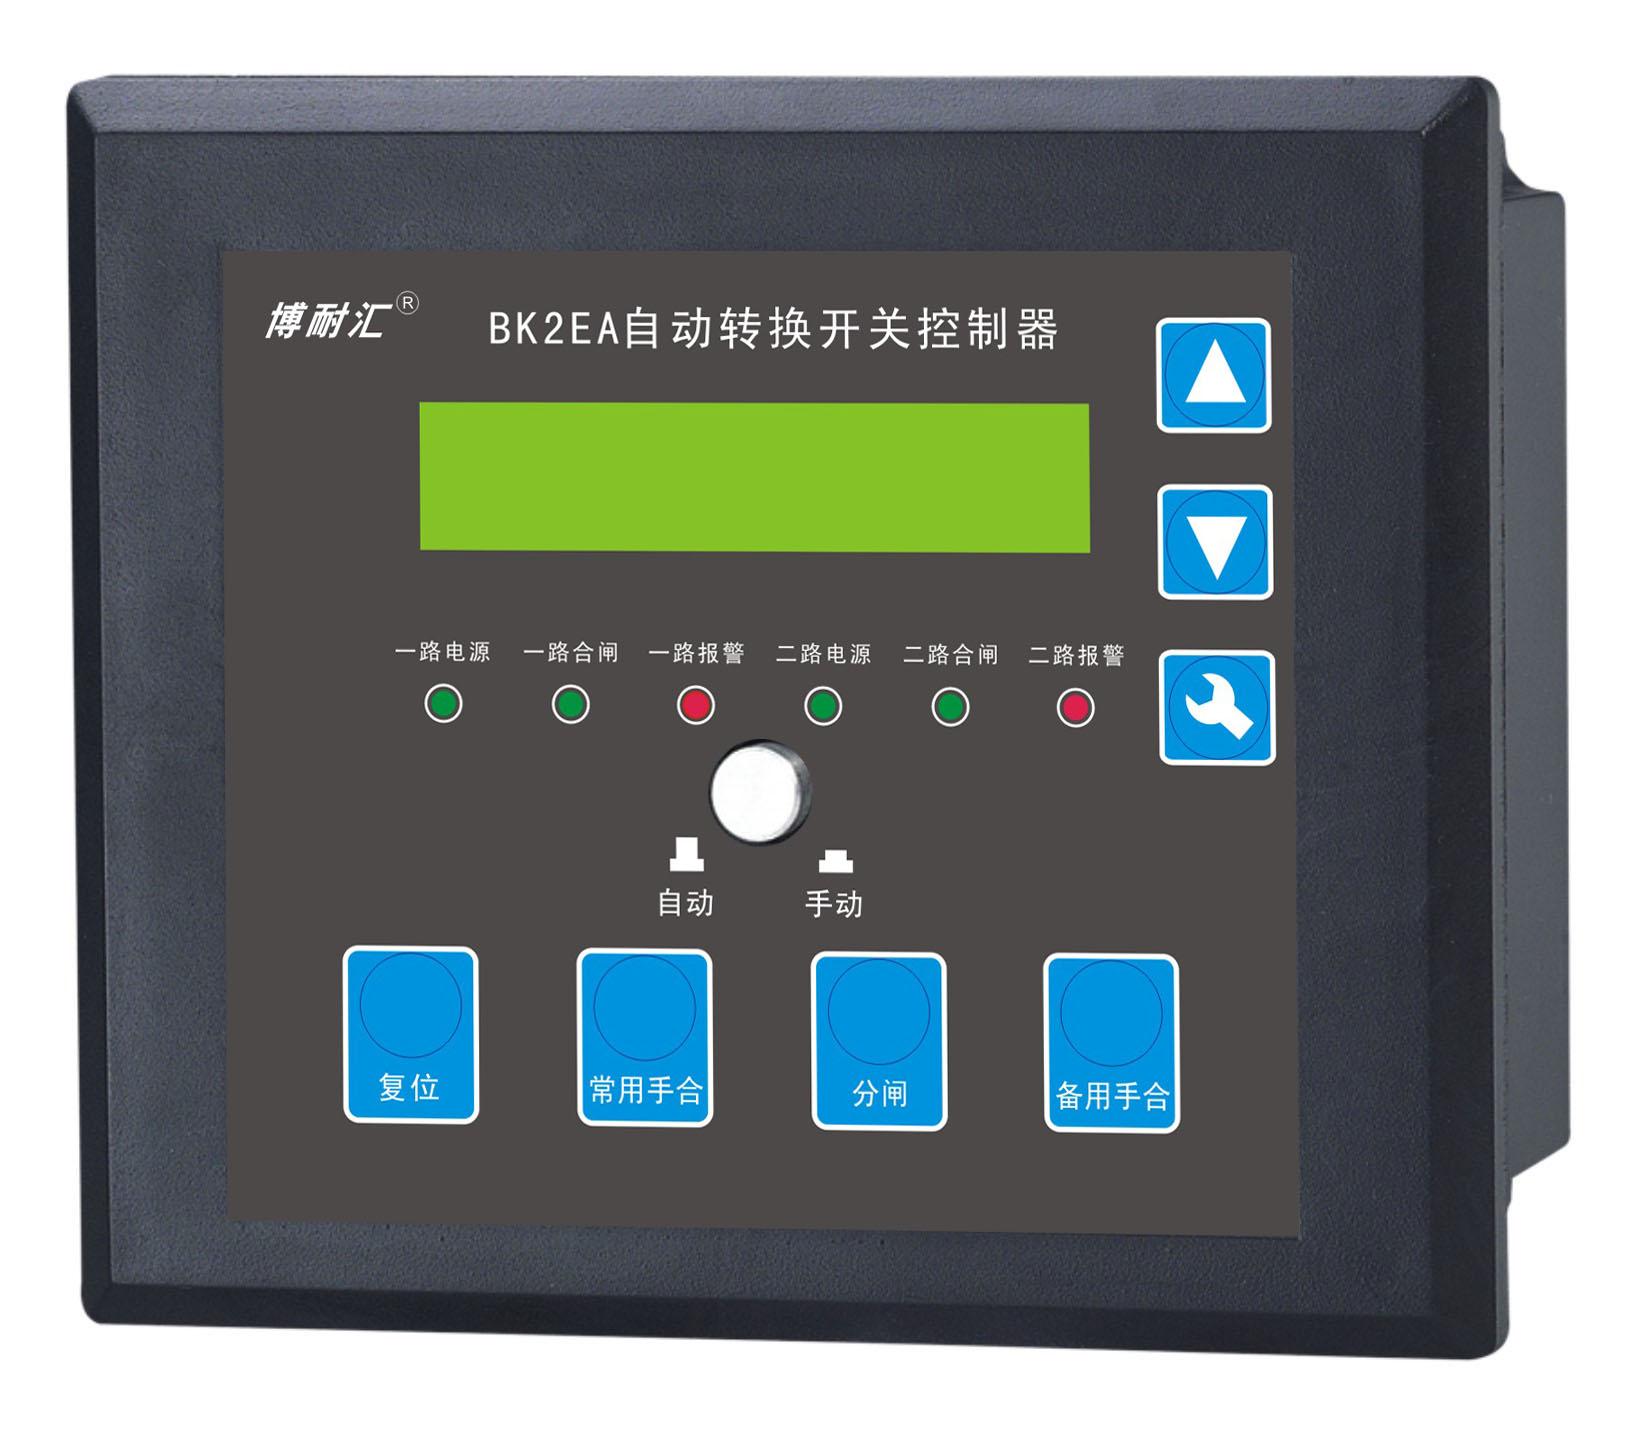 BK2EA液晶雙電源控制器三段式